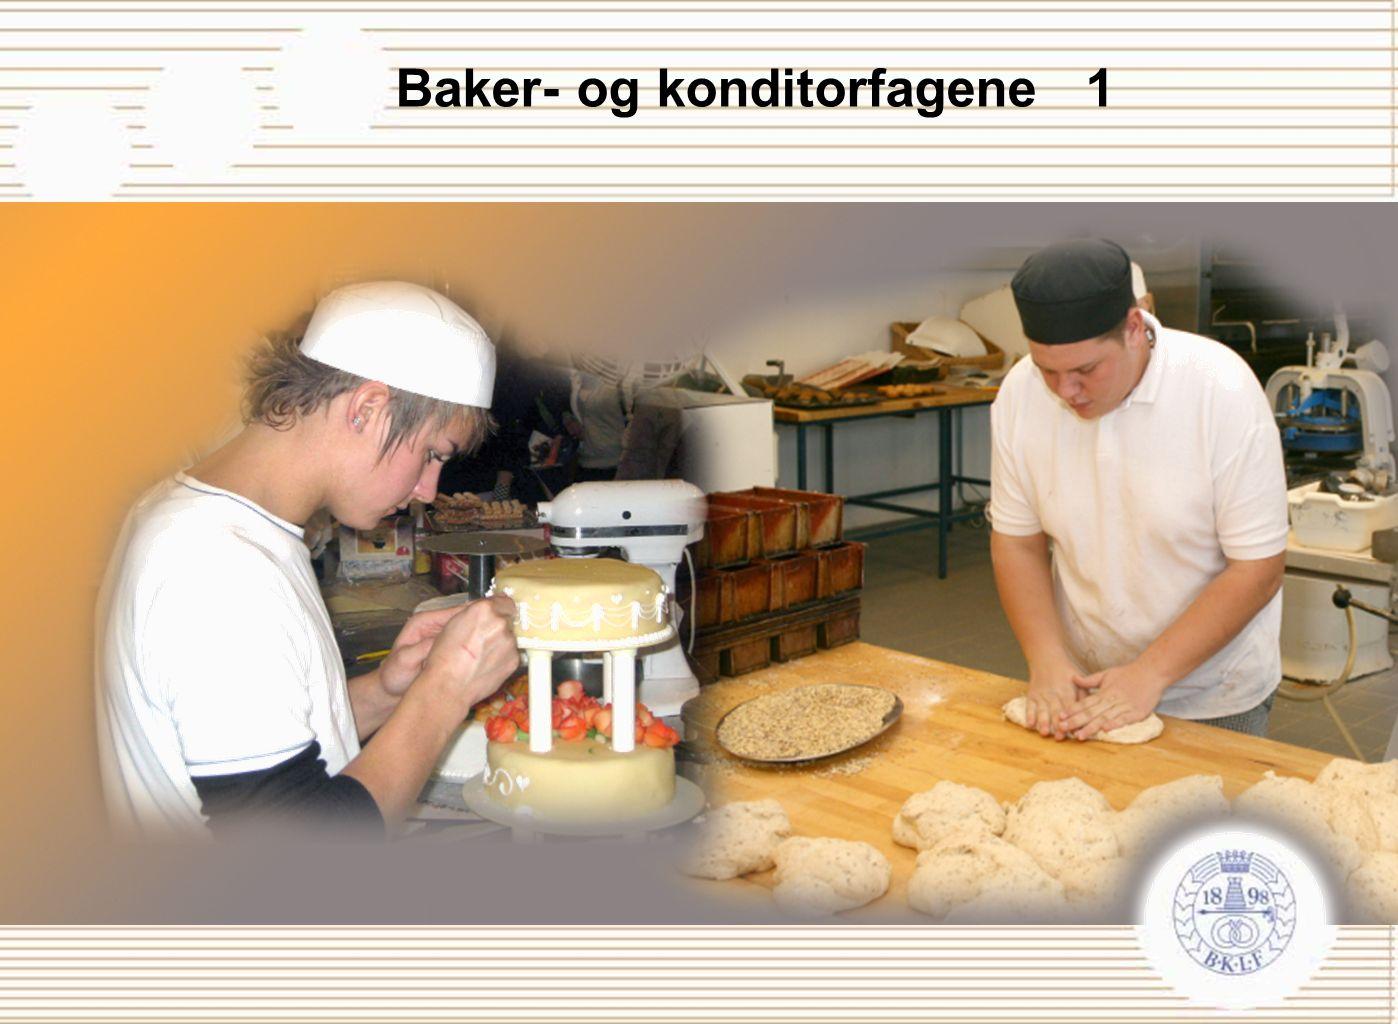 Baker- og konditorfagene 1